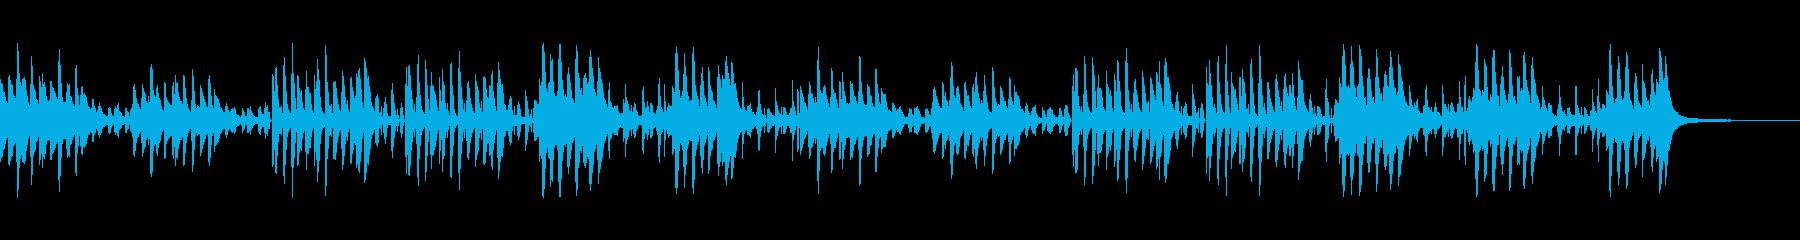 スキップしたくなるようなワクワクする曲の再生済みの波形